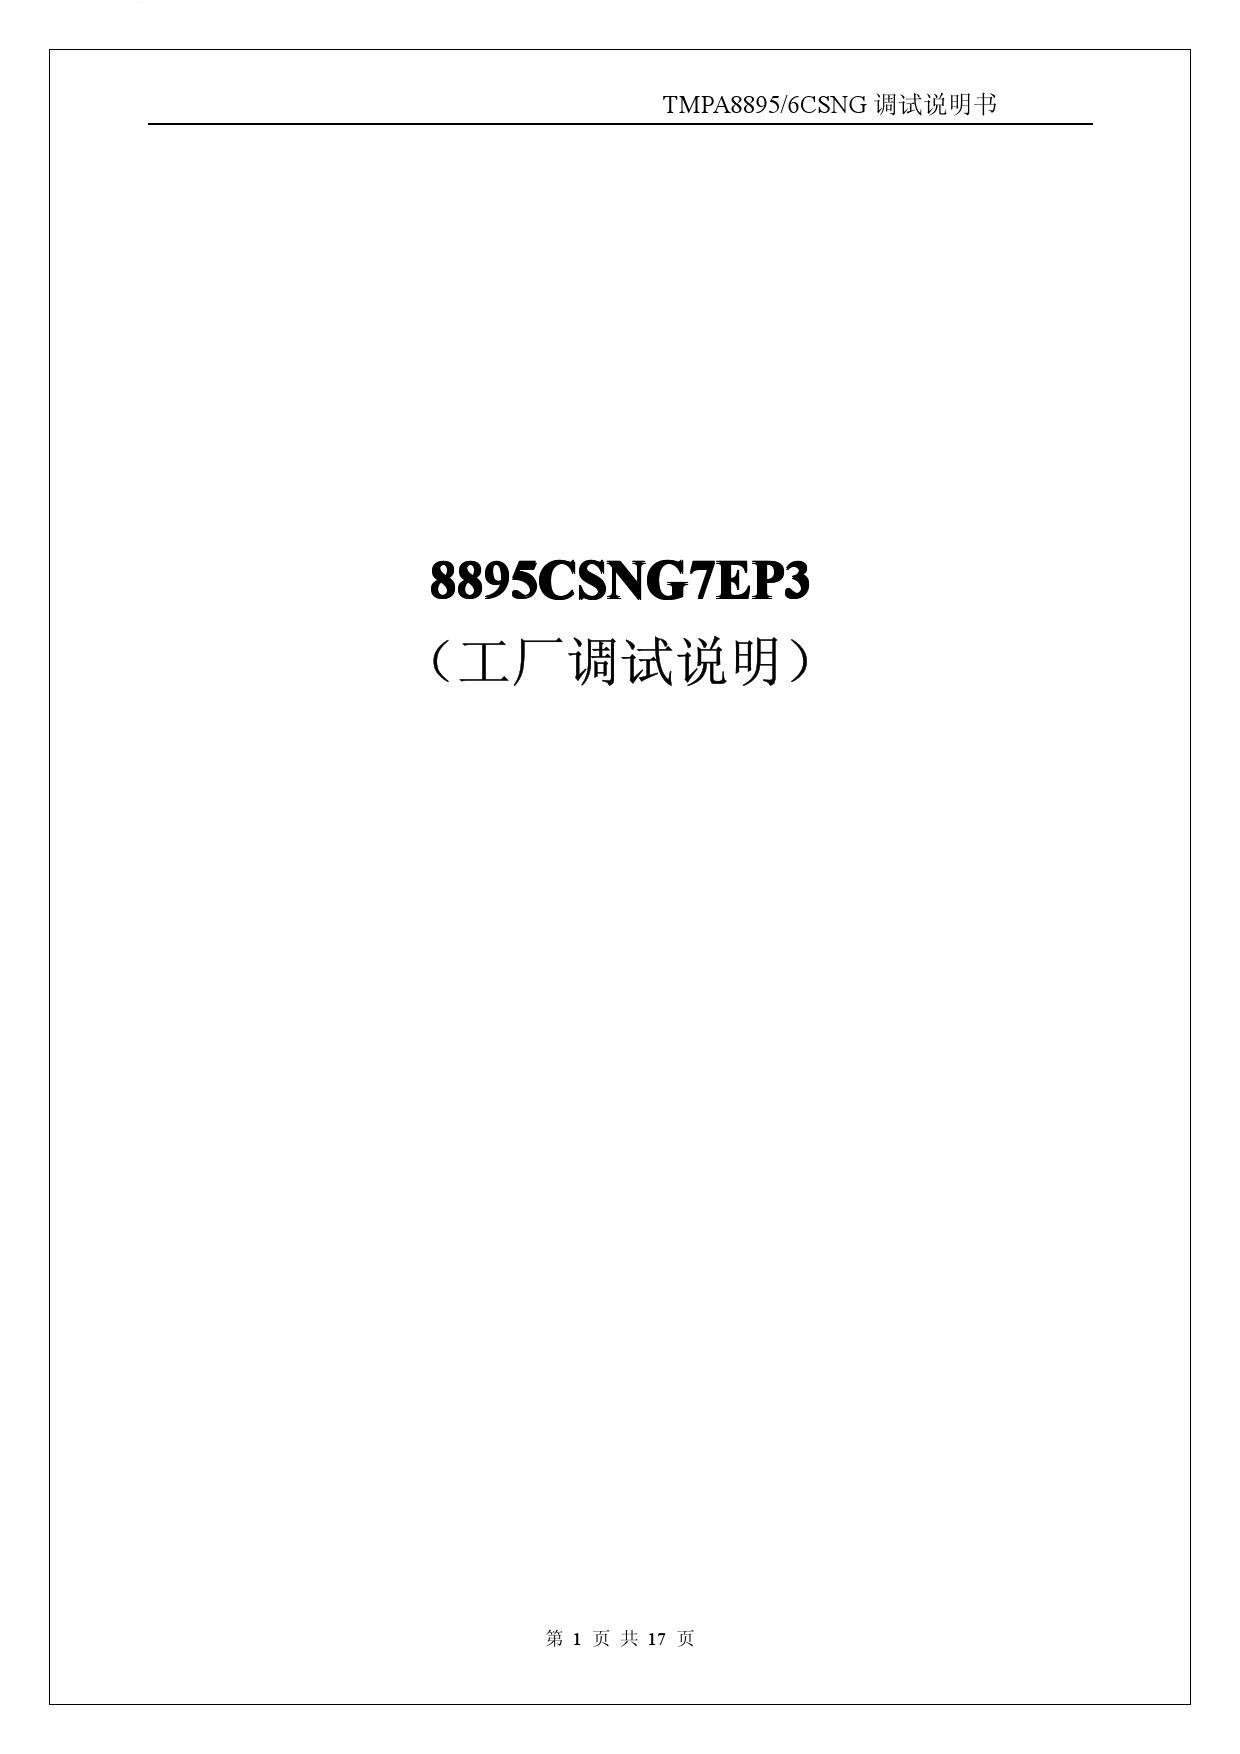 8895CSNG7EP3 image